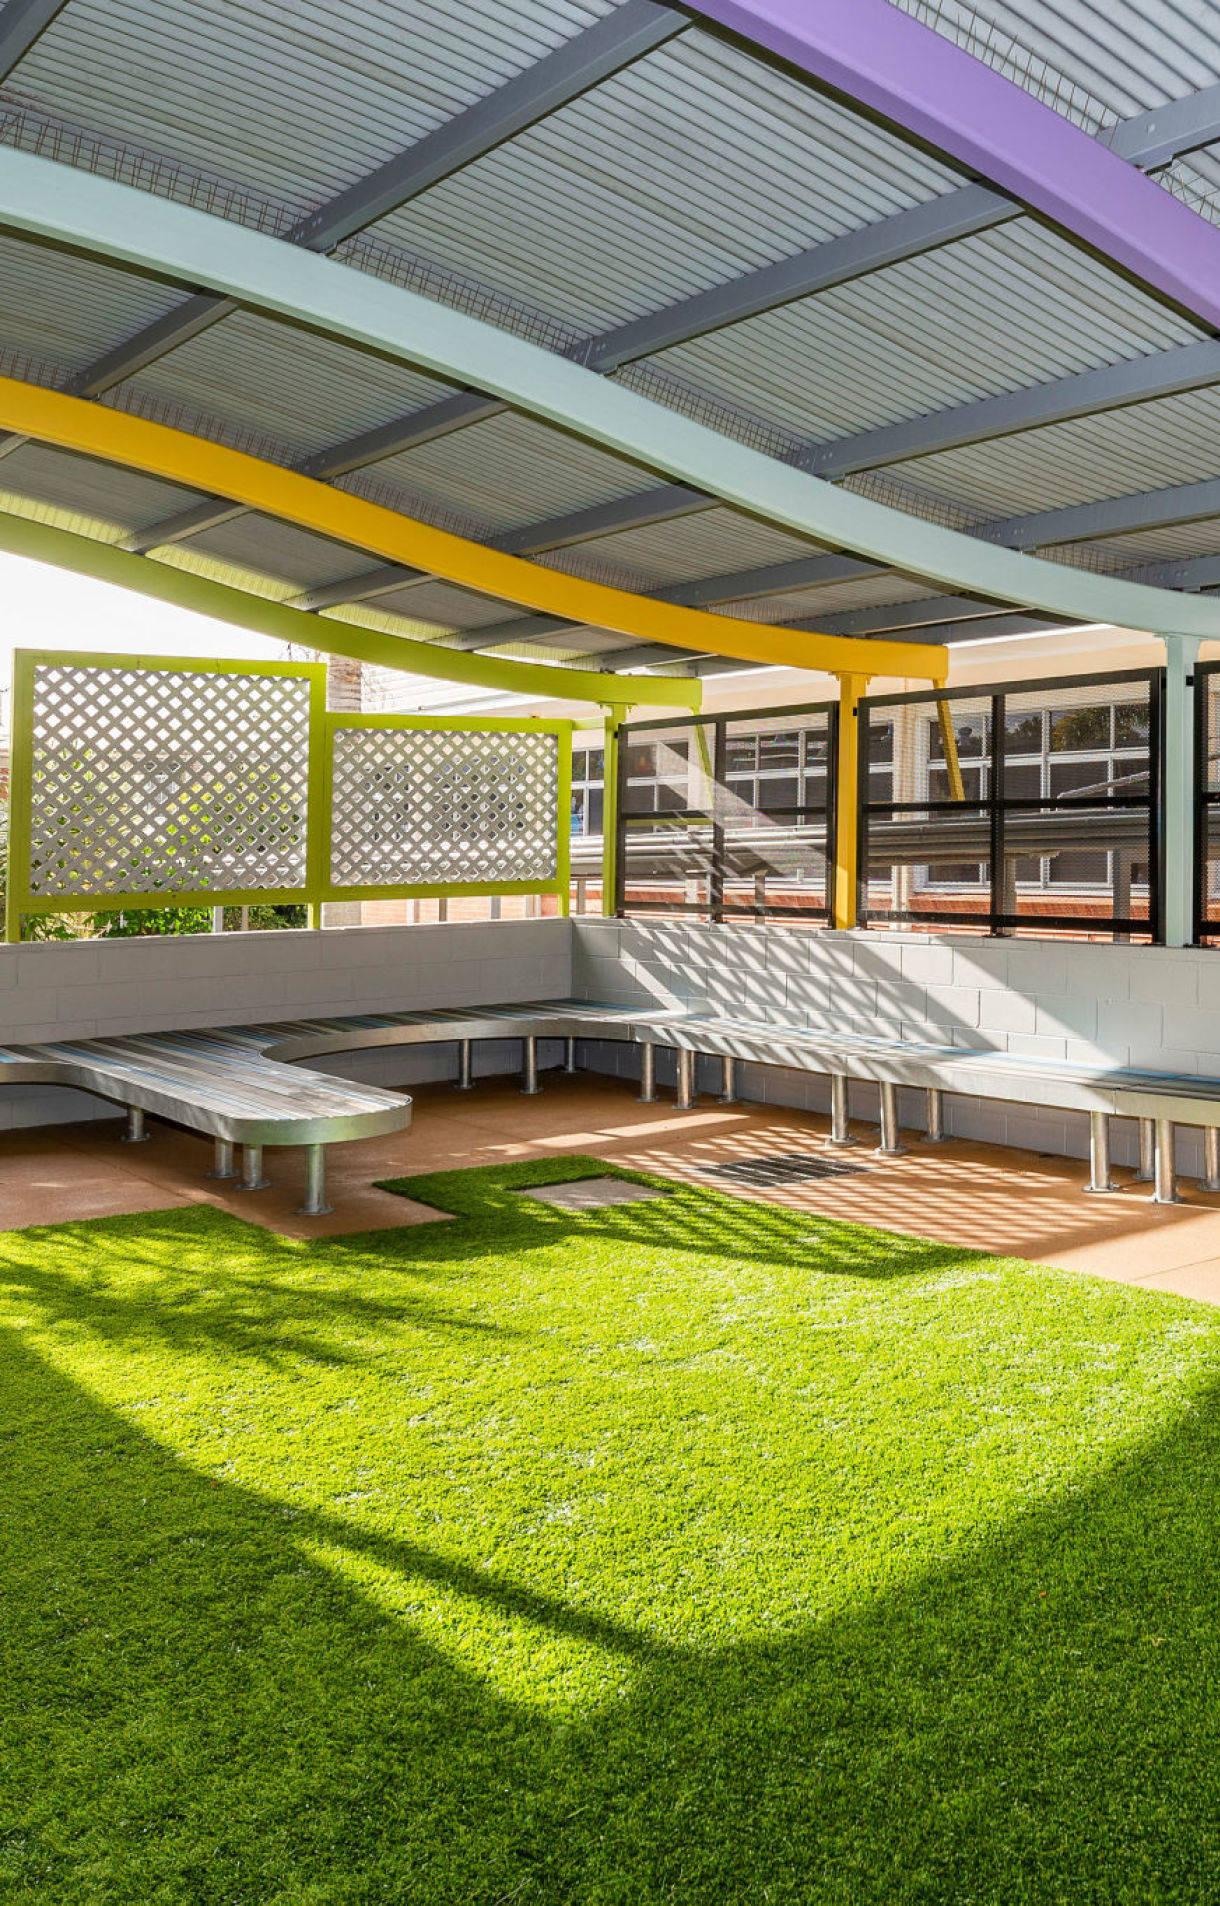 school outdoor seating